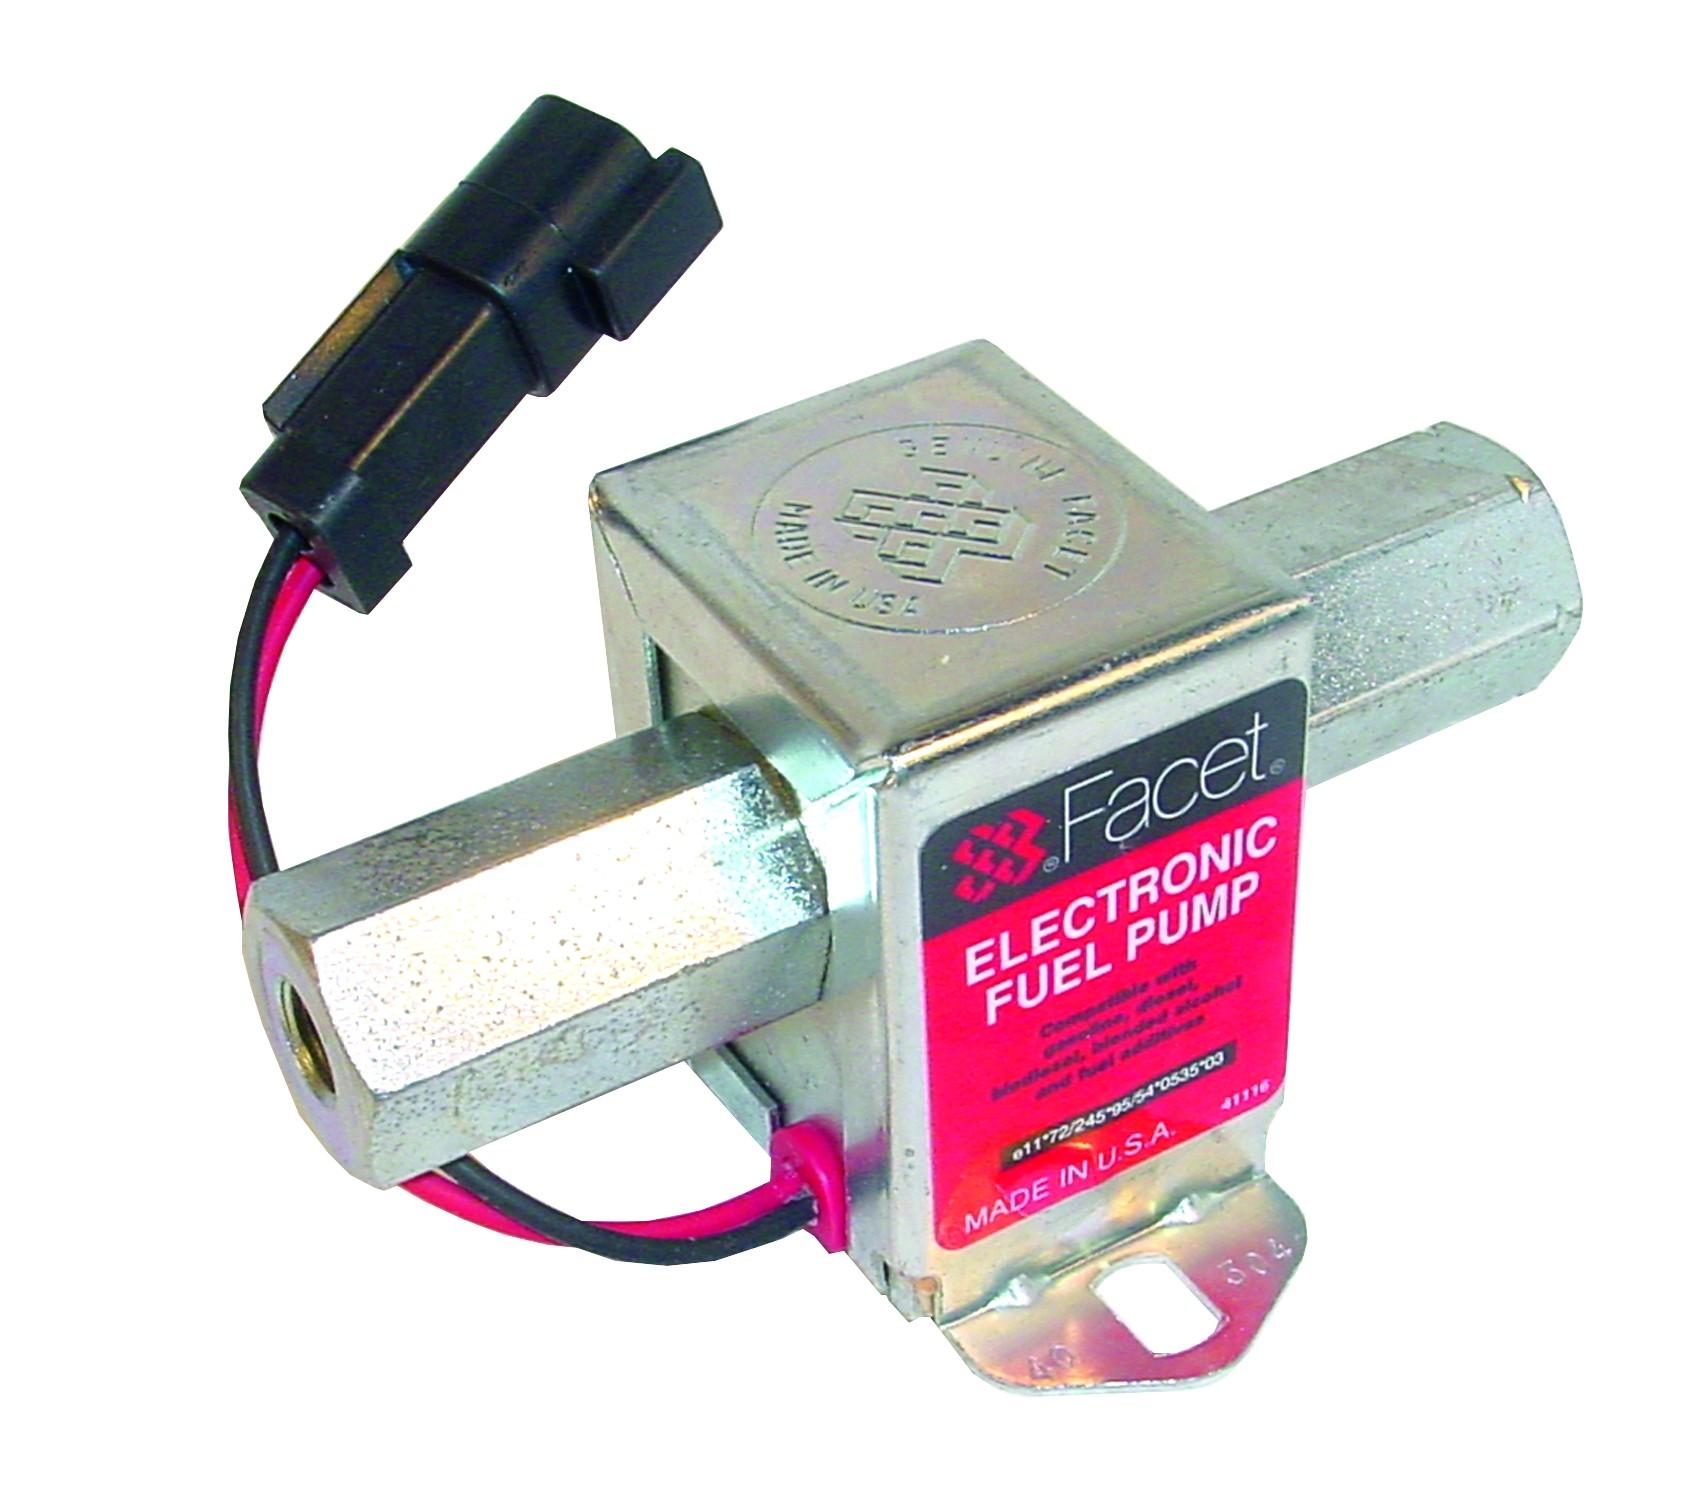 Facet Industrial & Plant Fuel Pumps